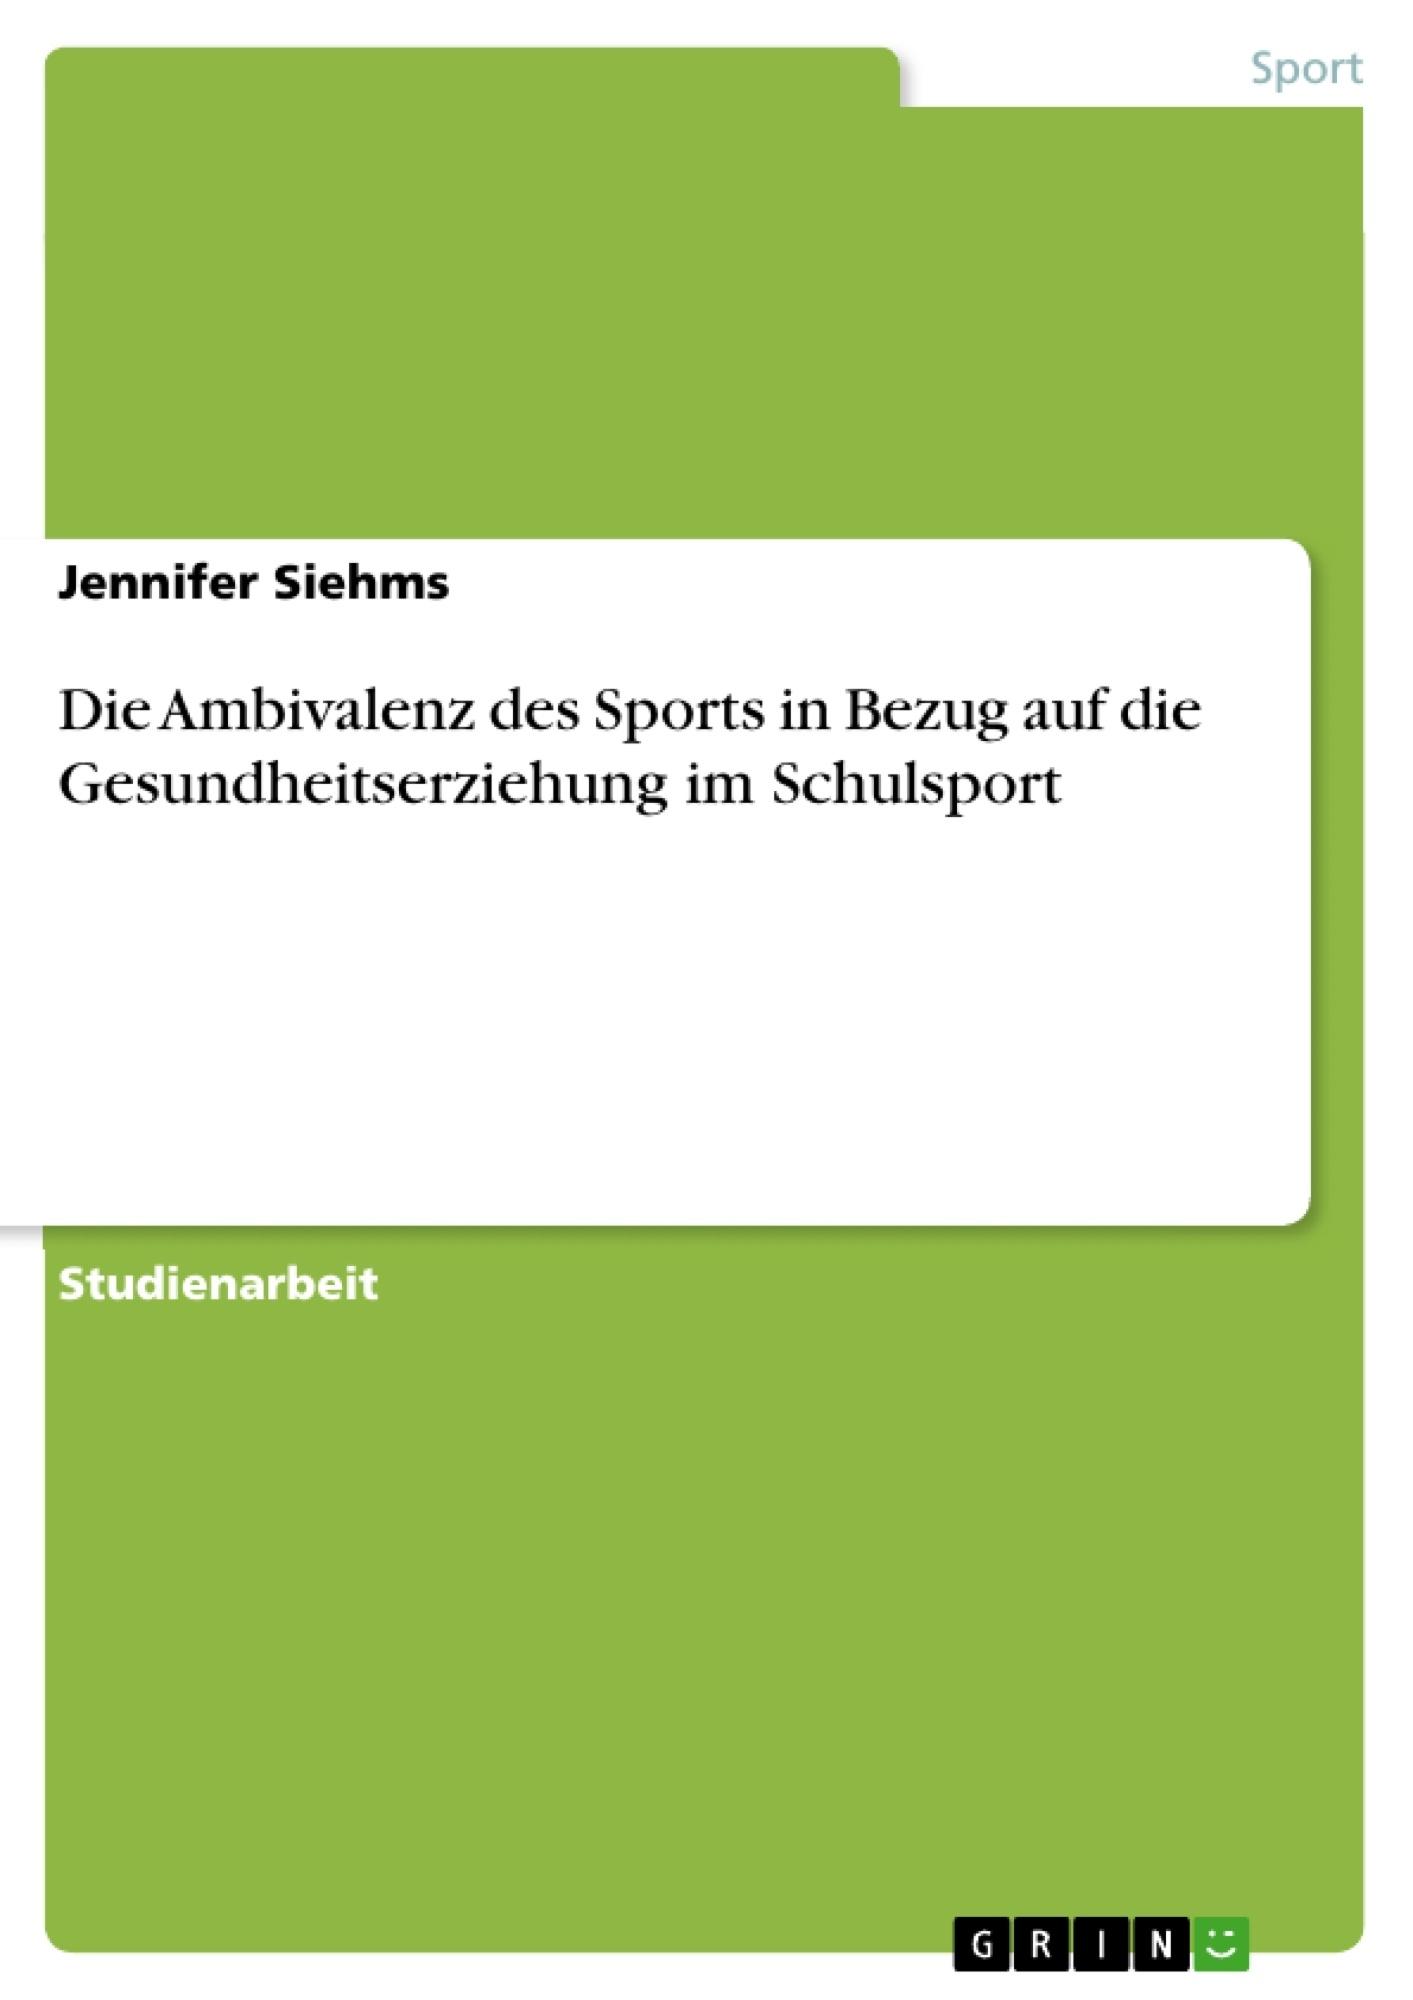 Titel: Die Ambivalenz des Sports in Bezug auf die Gesundheitserziehung im Schulsport